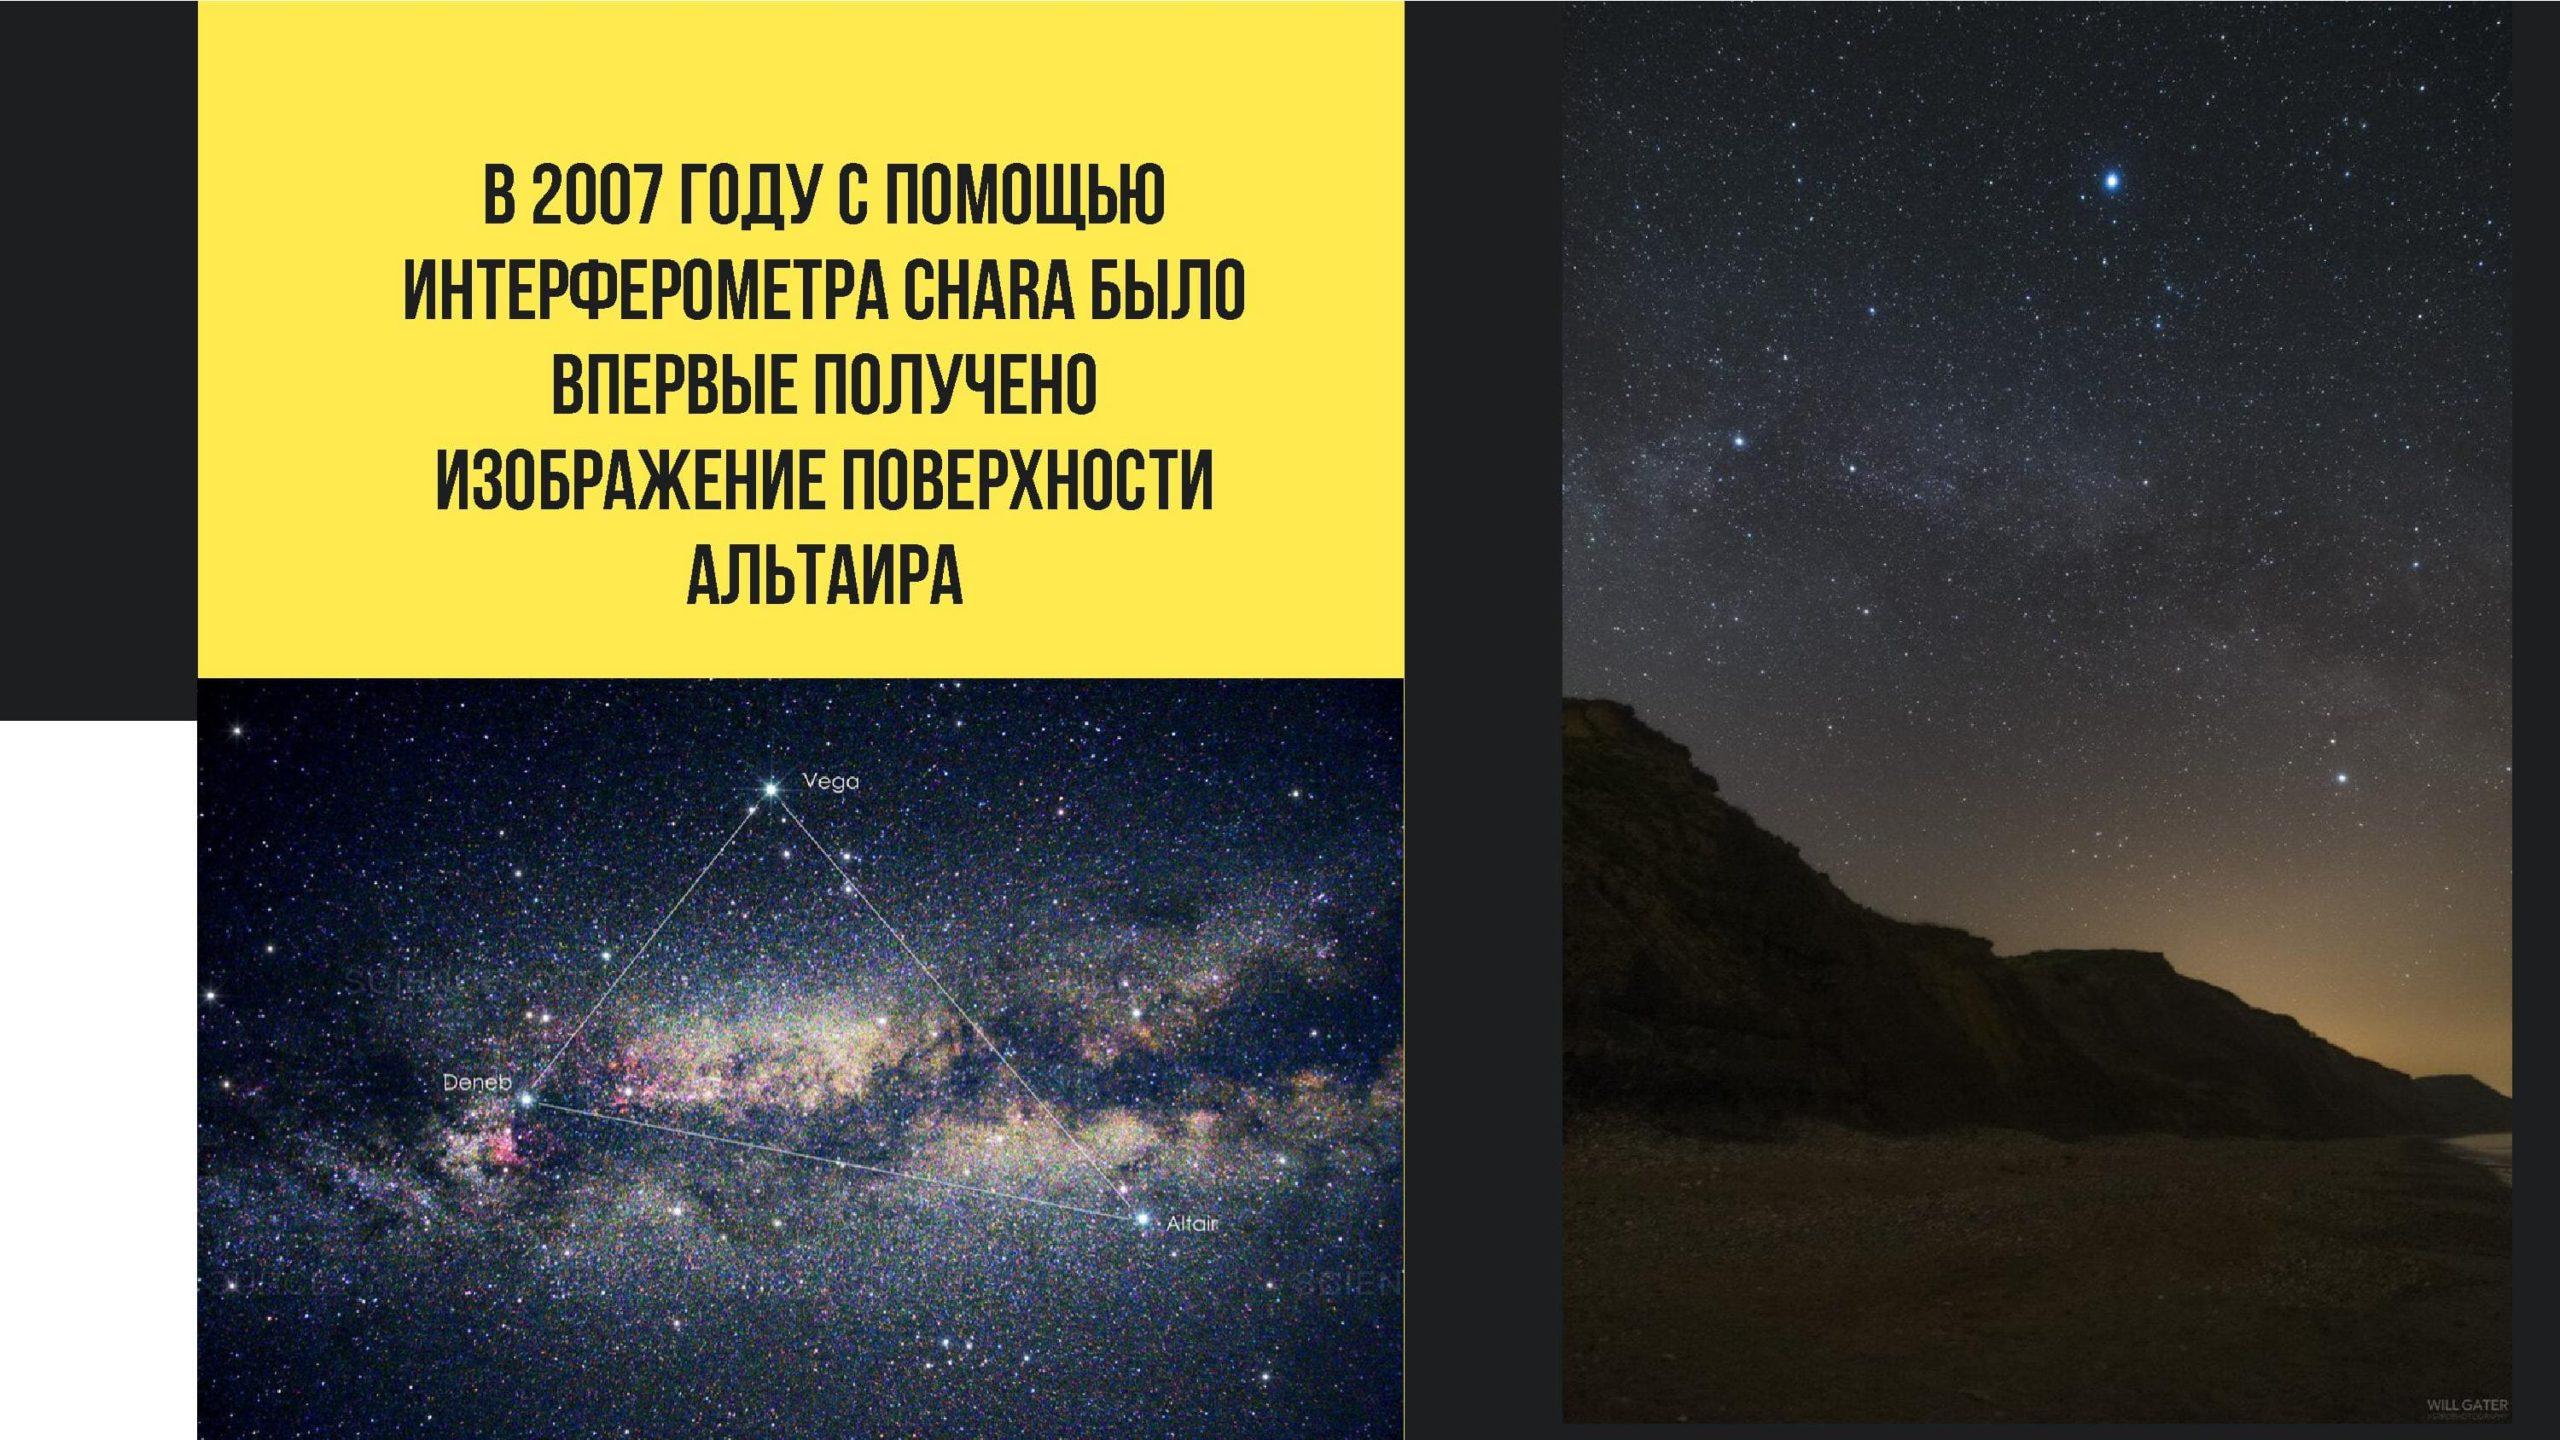 в 2007 году с помощью интерферометра chara было впервые получено изображение поверхности Альтаира